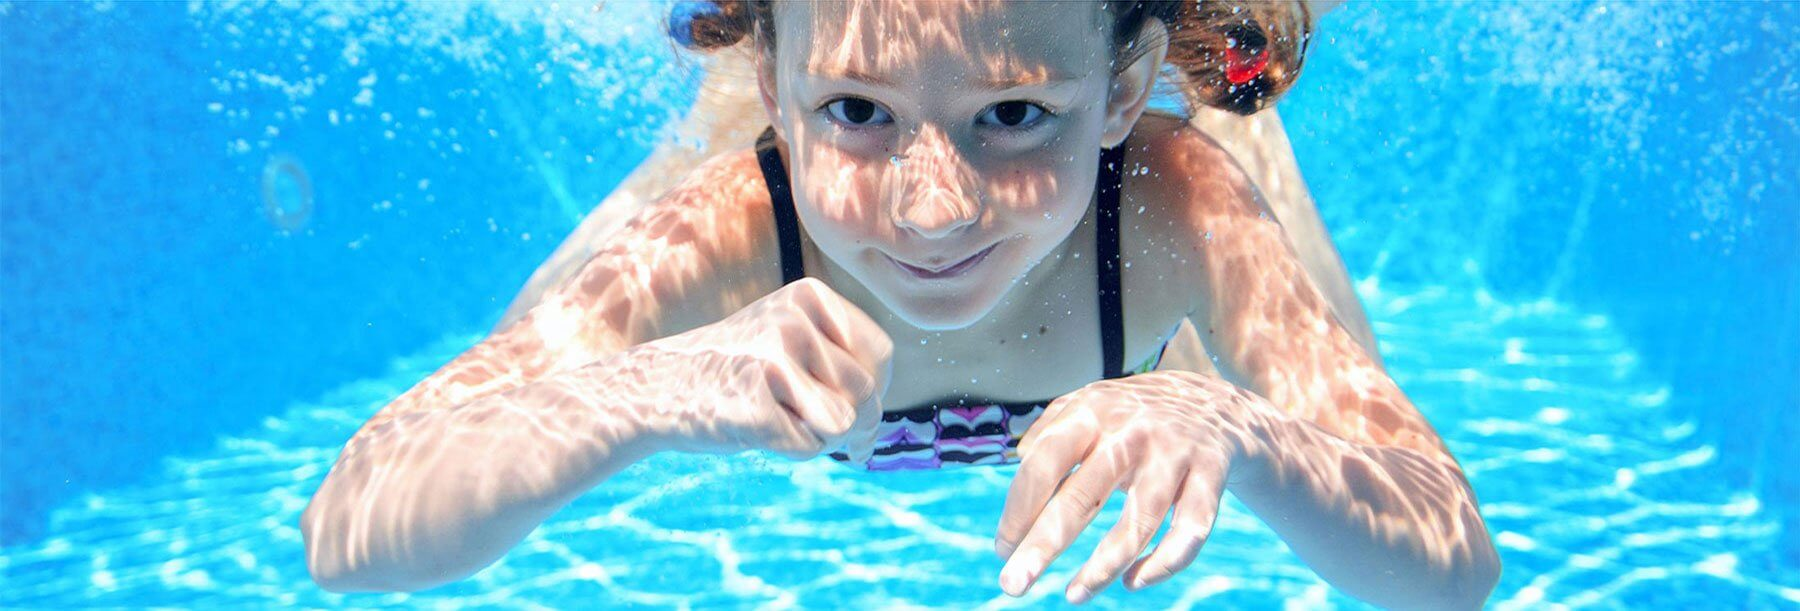 dziewczynka nurkująca w basenie